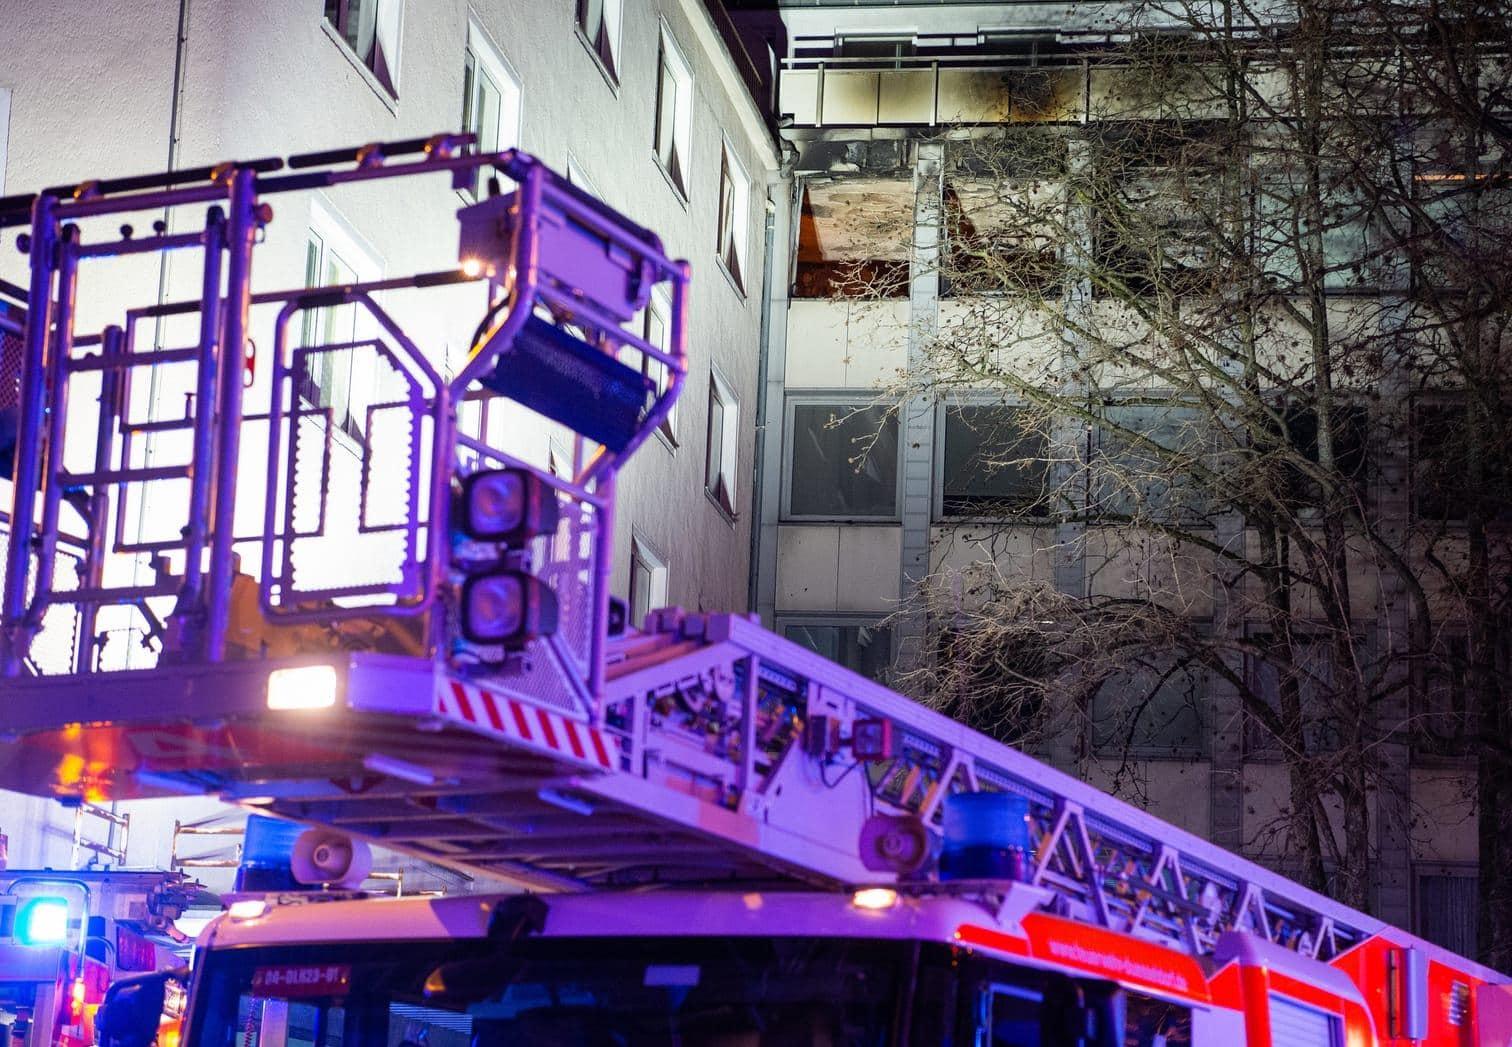 <p>Der Brand war am Samstagnachmittag aus noch ungeklärter Ursache vermutlich im vierten Stock des Gebäudes ausgesprochen